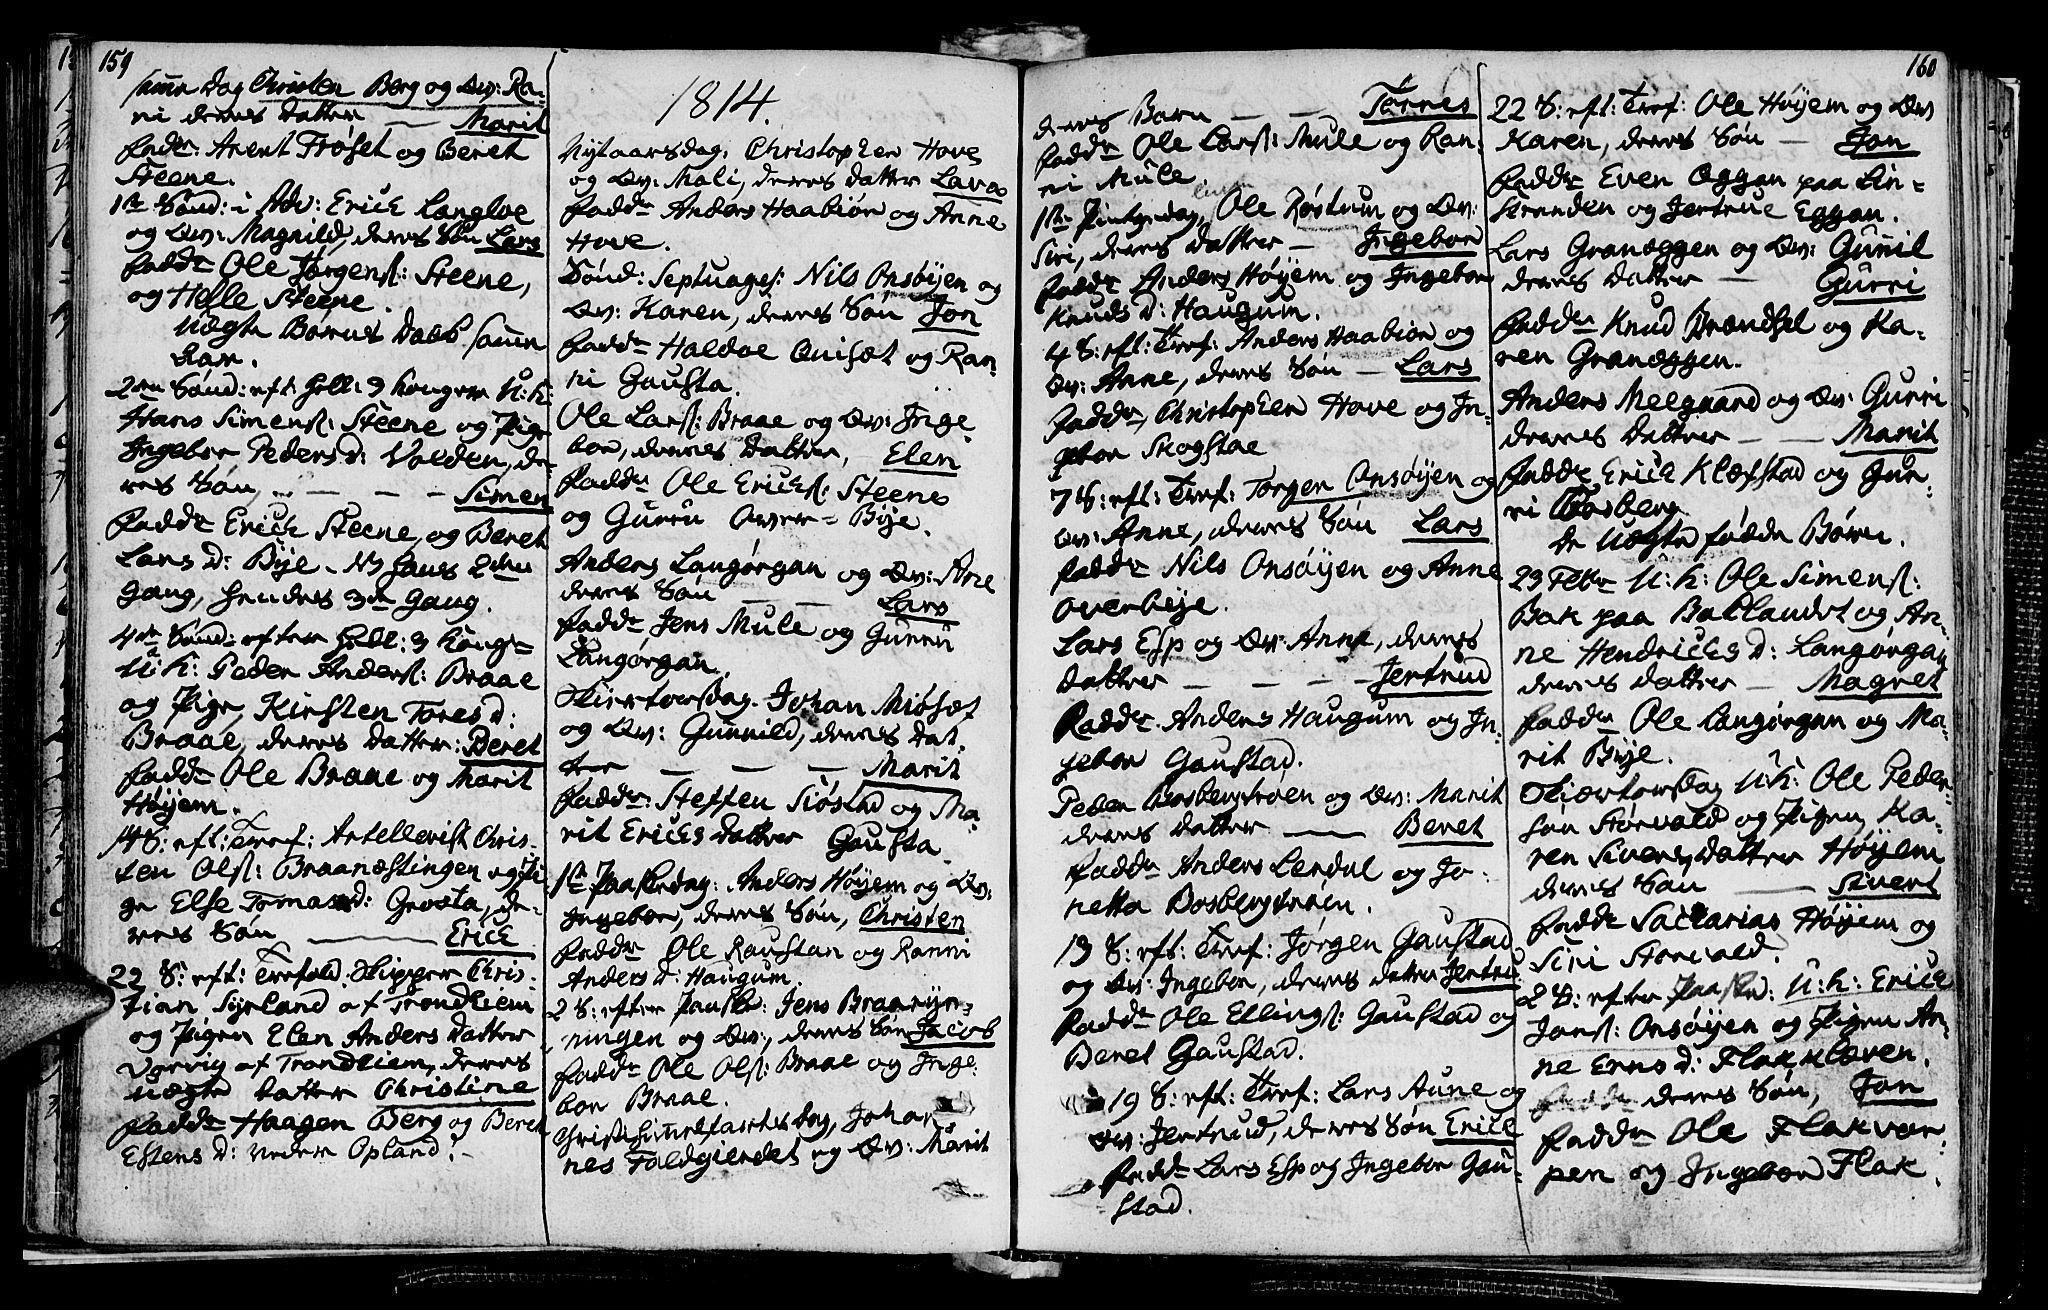 SAT, Ministerialprotokoller, klokkerbøker og fødselsregistre - Sør-Trøndelag, 612/L0371: Ministerialbok nr. 612A05, 1803-1816, s. 159-160